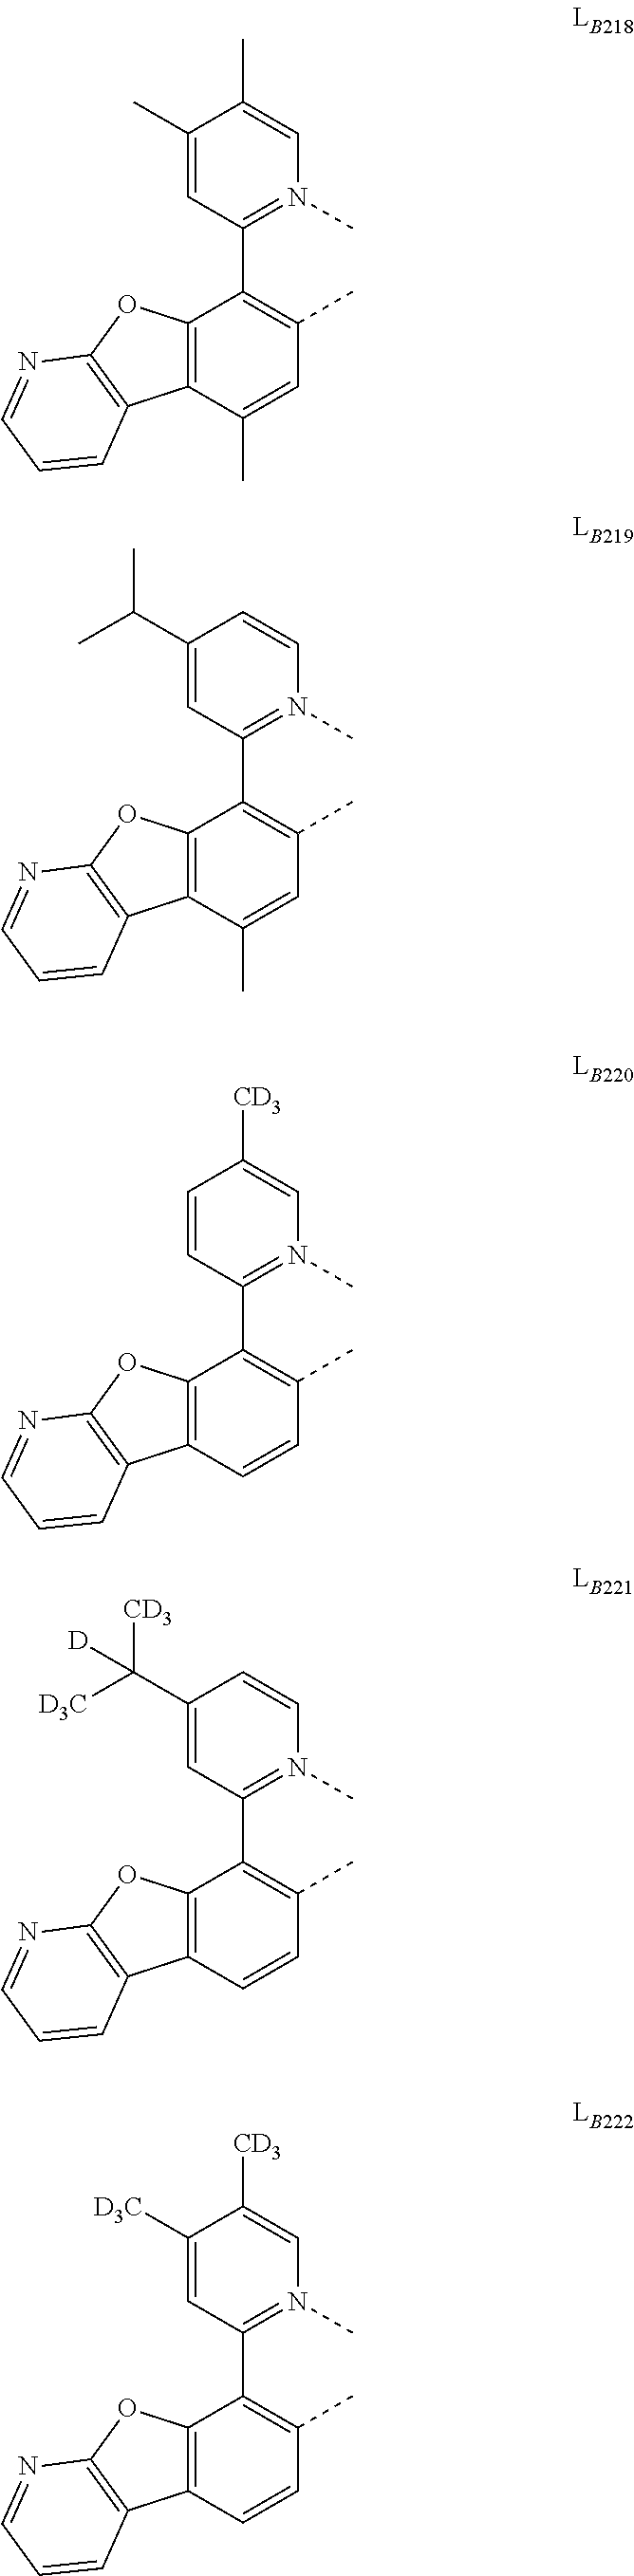 Figure US20180130962A1-20180510-C00304